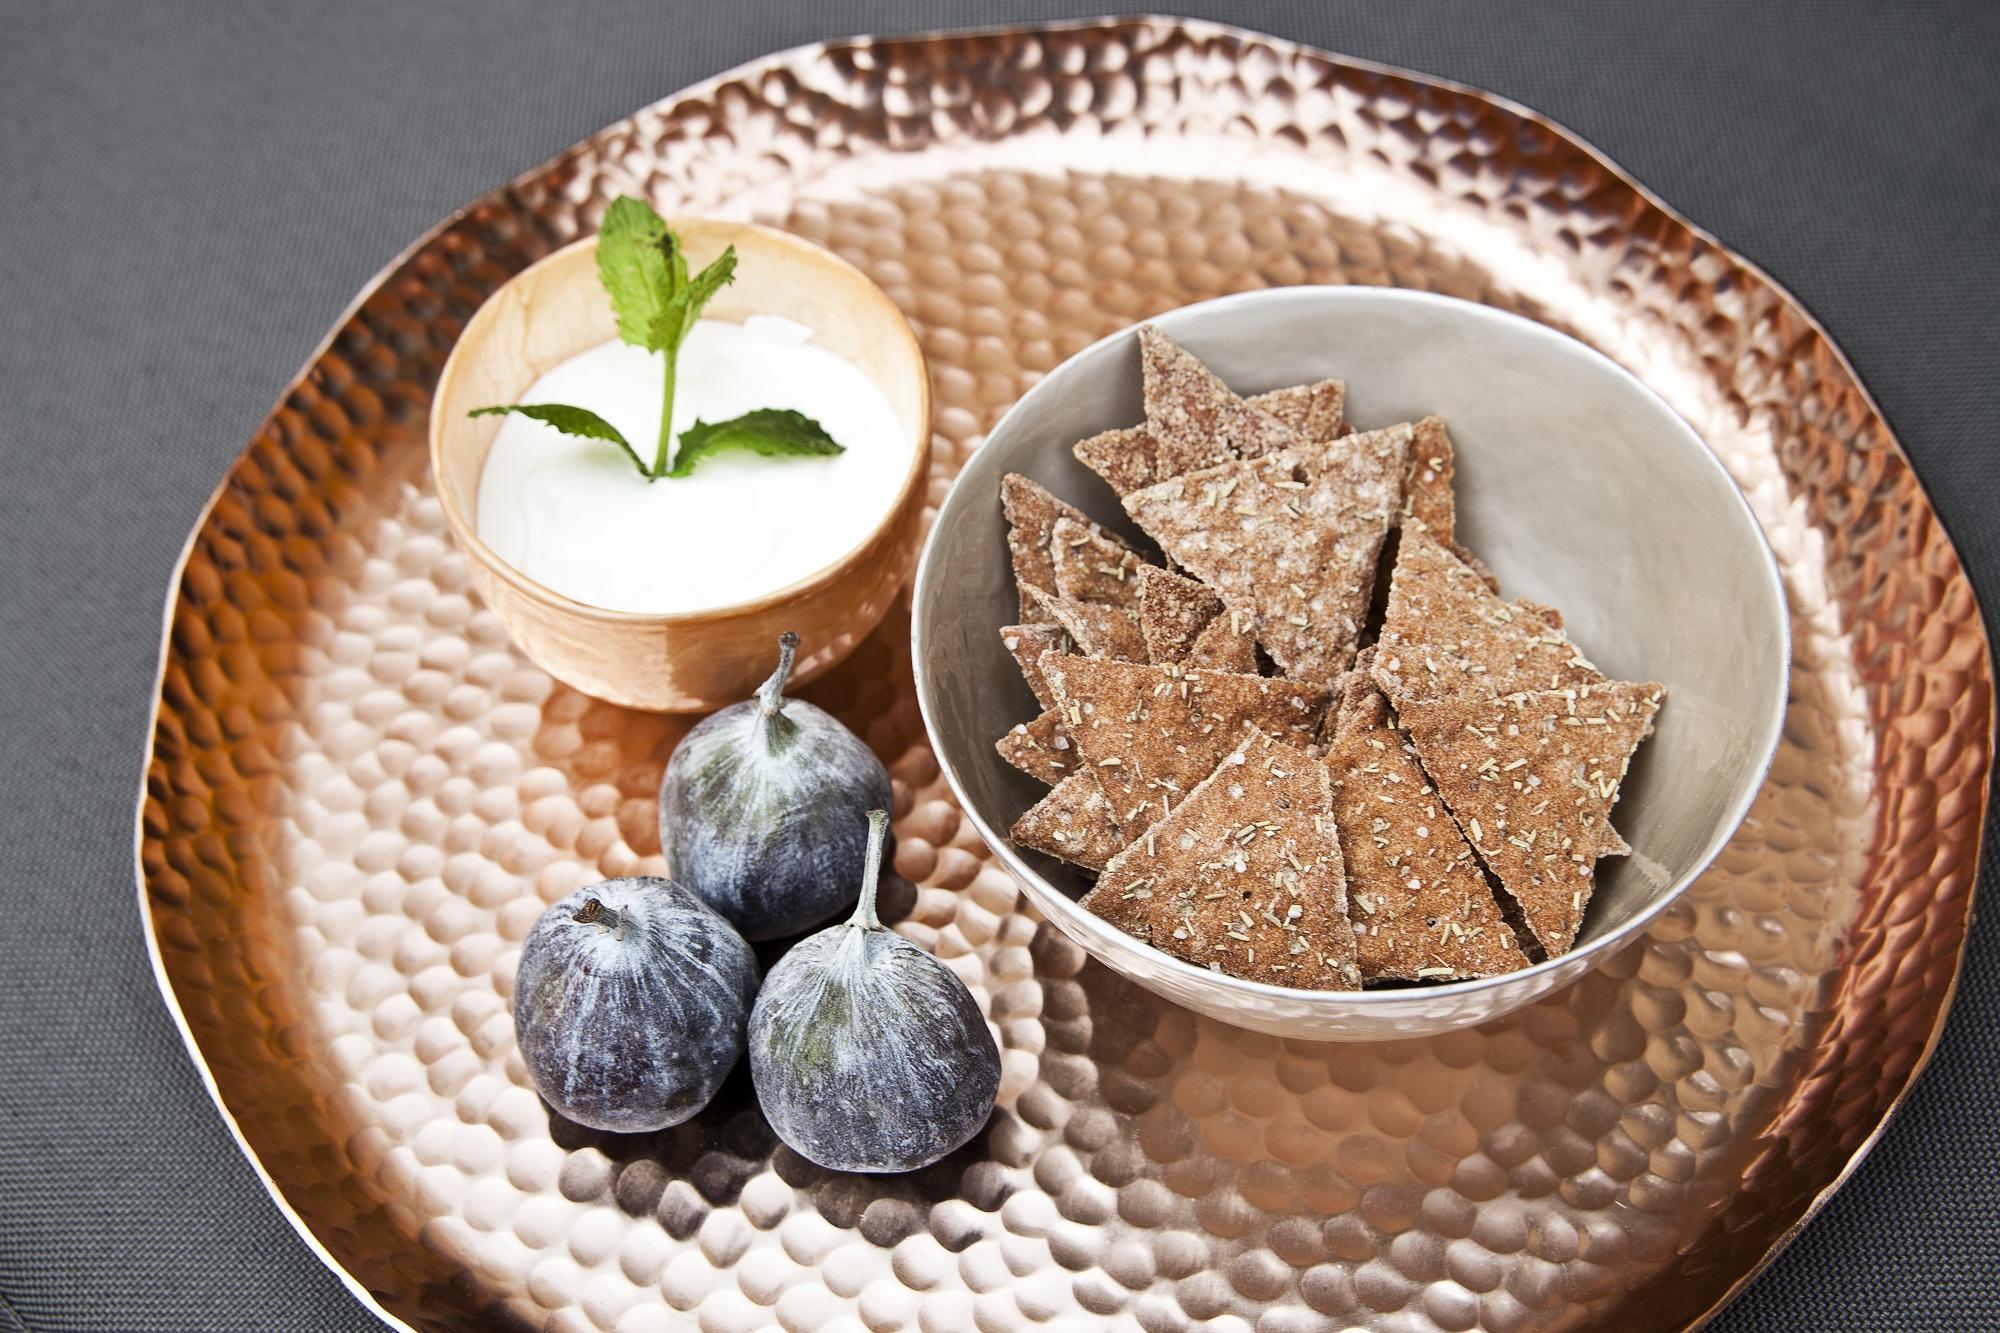 Scegliete per il menù esclusivamente cibo orientale: cous cous, fichi , datteri e tofu.